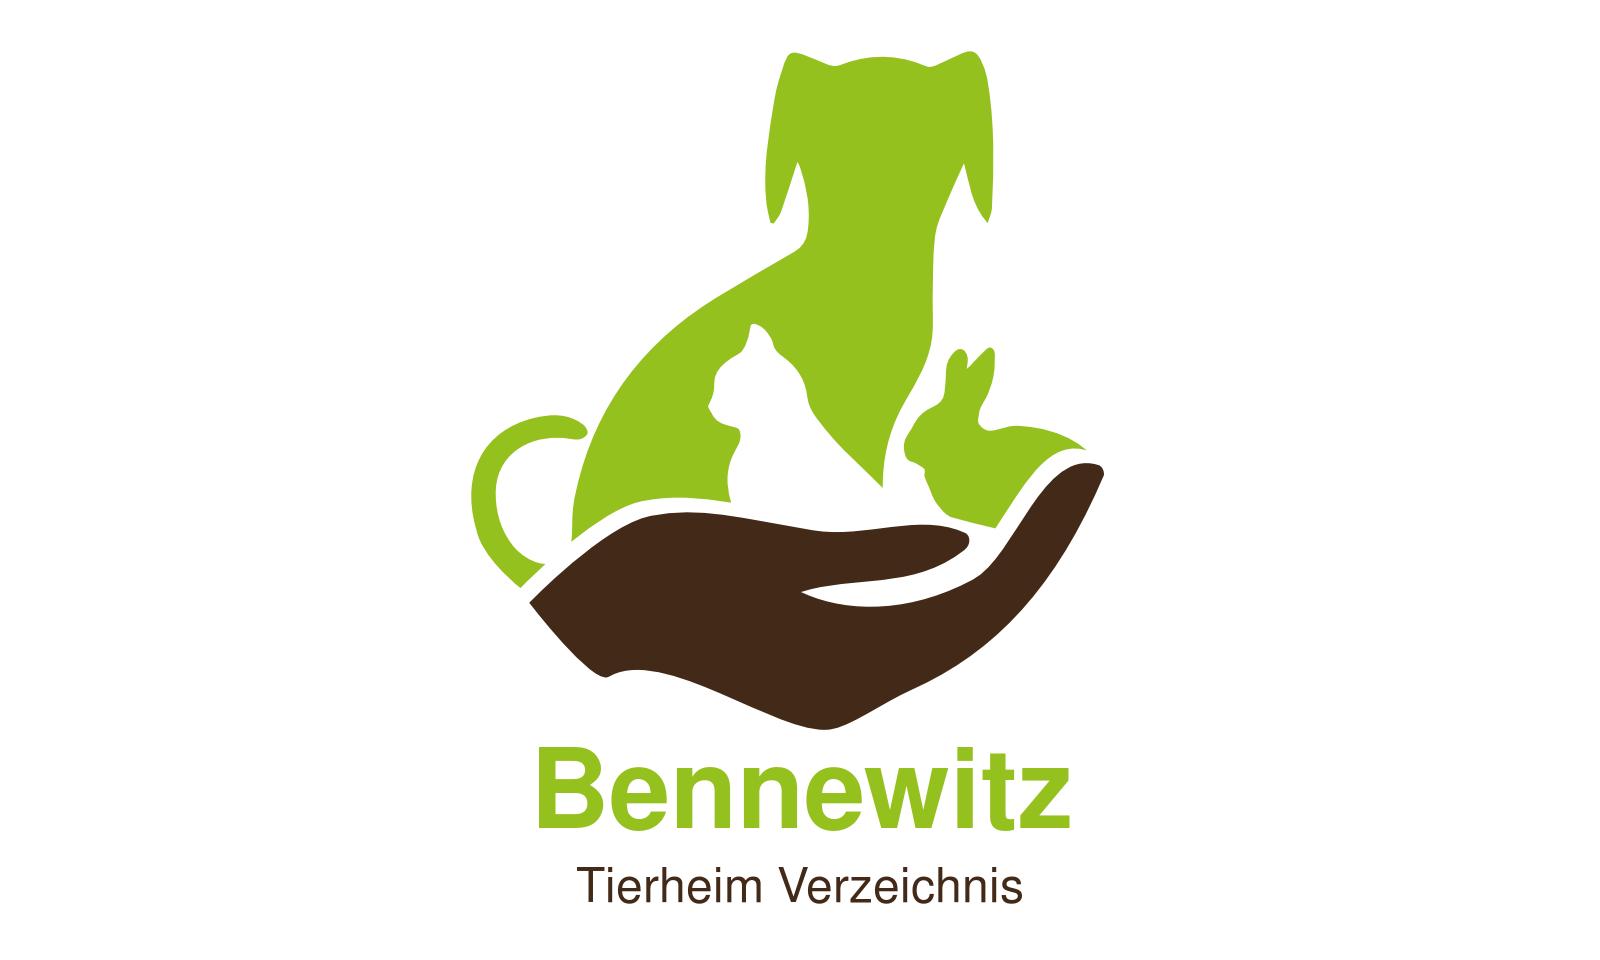 Tierheim Bennewitz